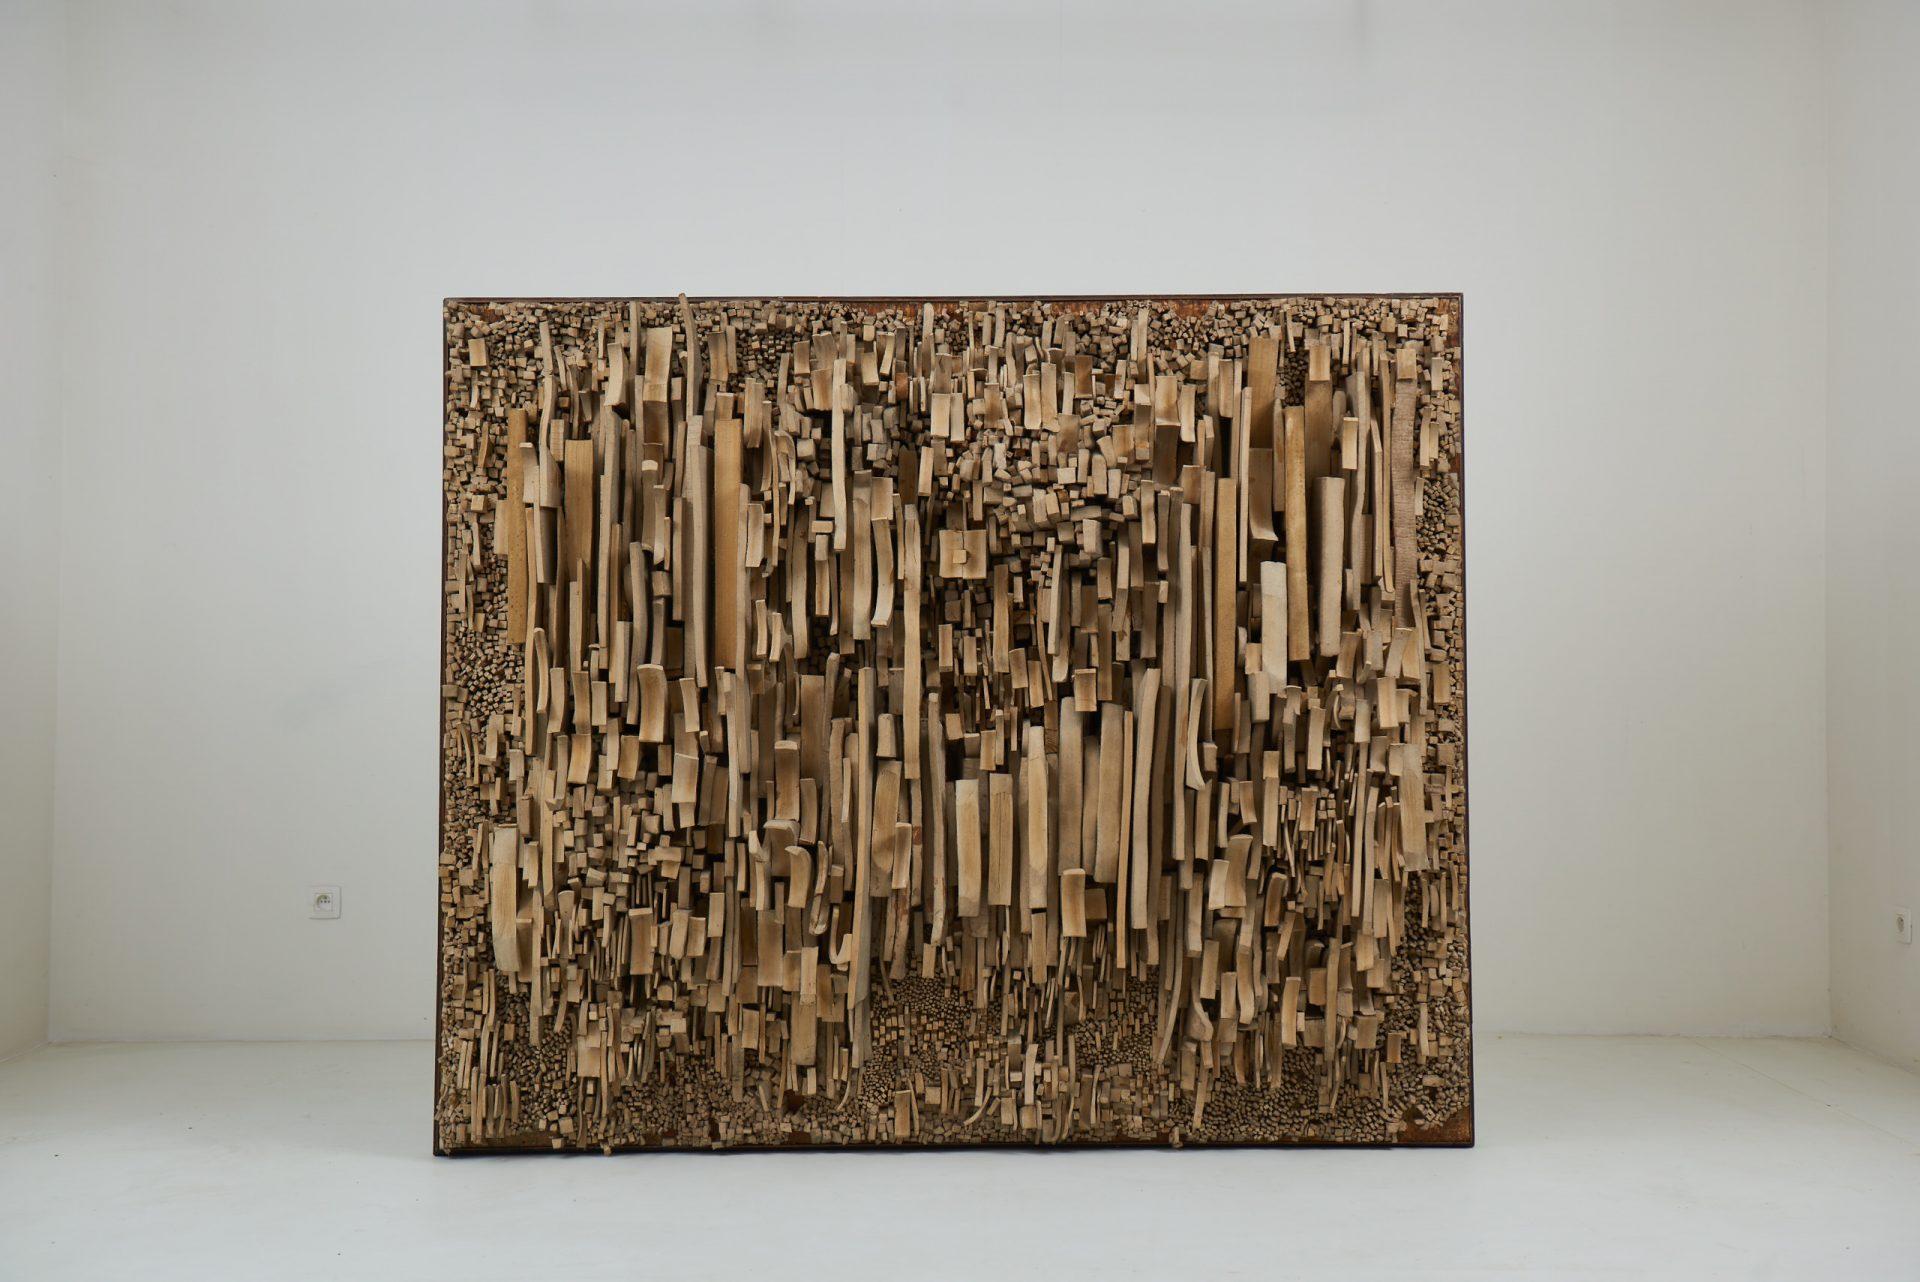 andré bogaert - abstract modernism - G58